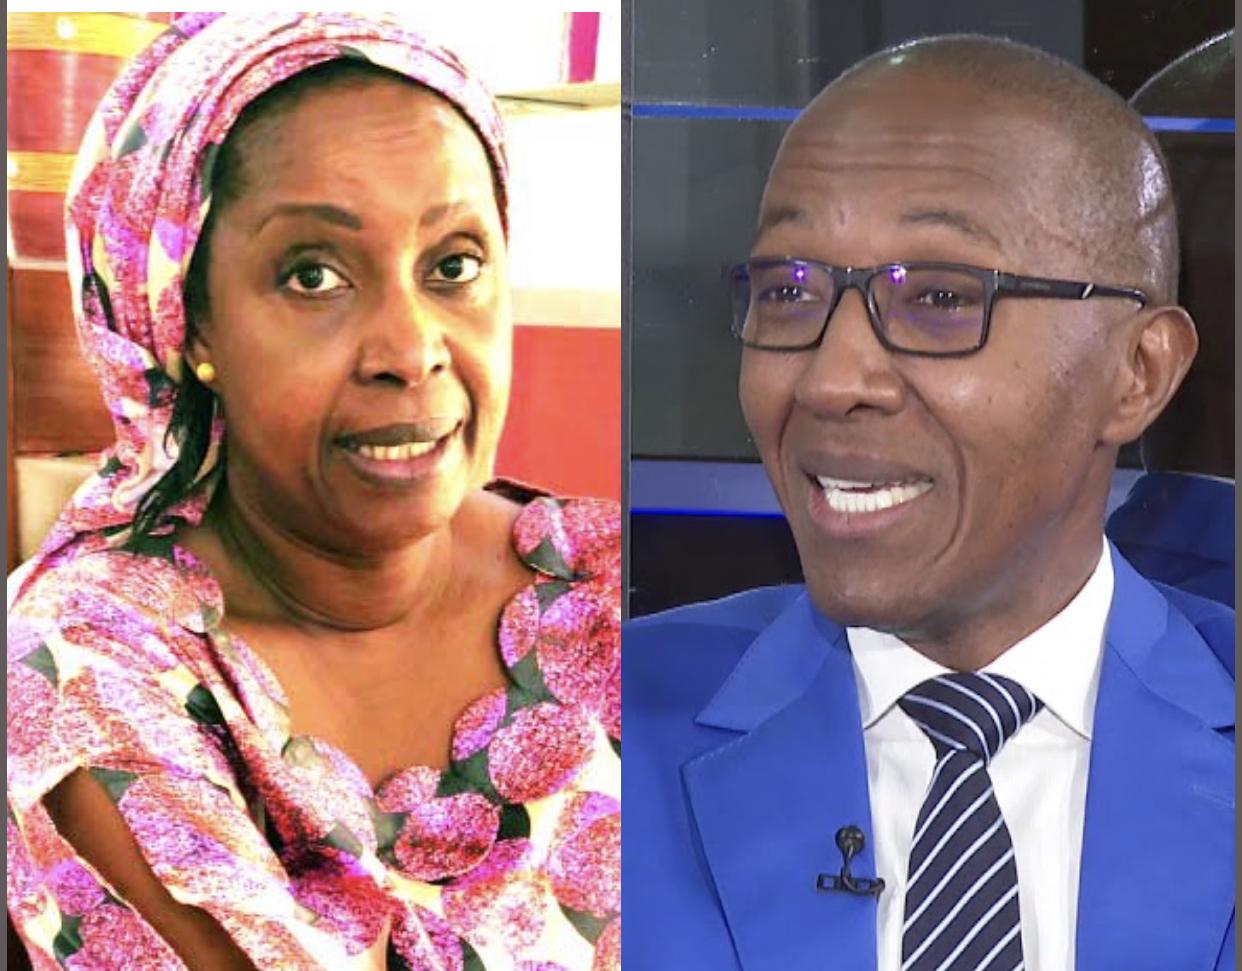 Référé introduit par Abdoul Mbaye : L'affaire jugée le 4 prochain.